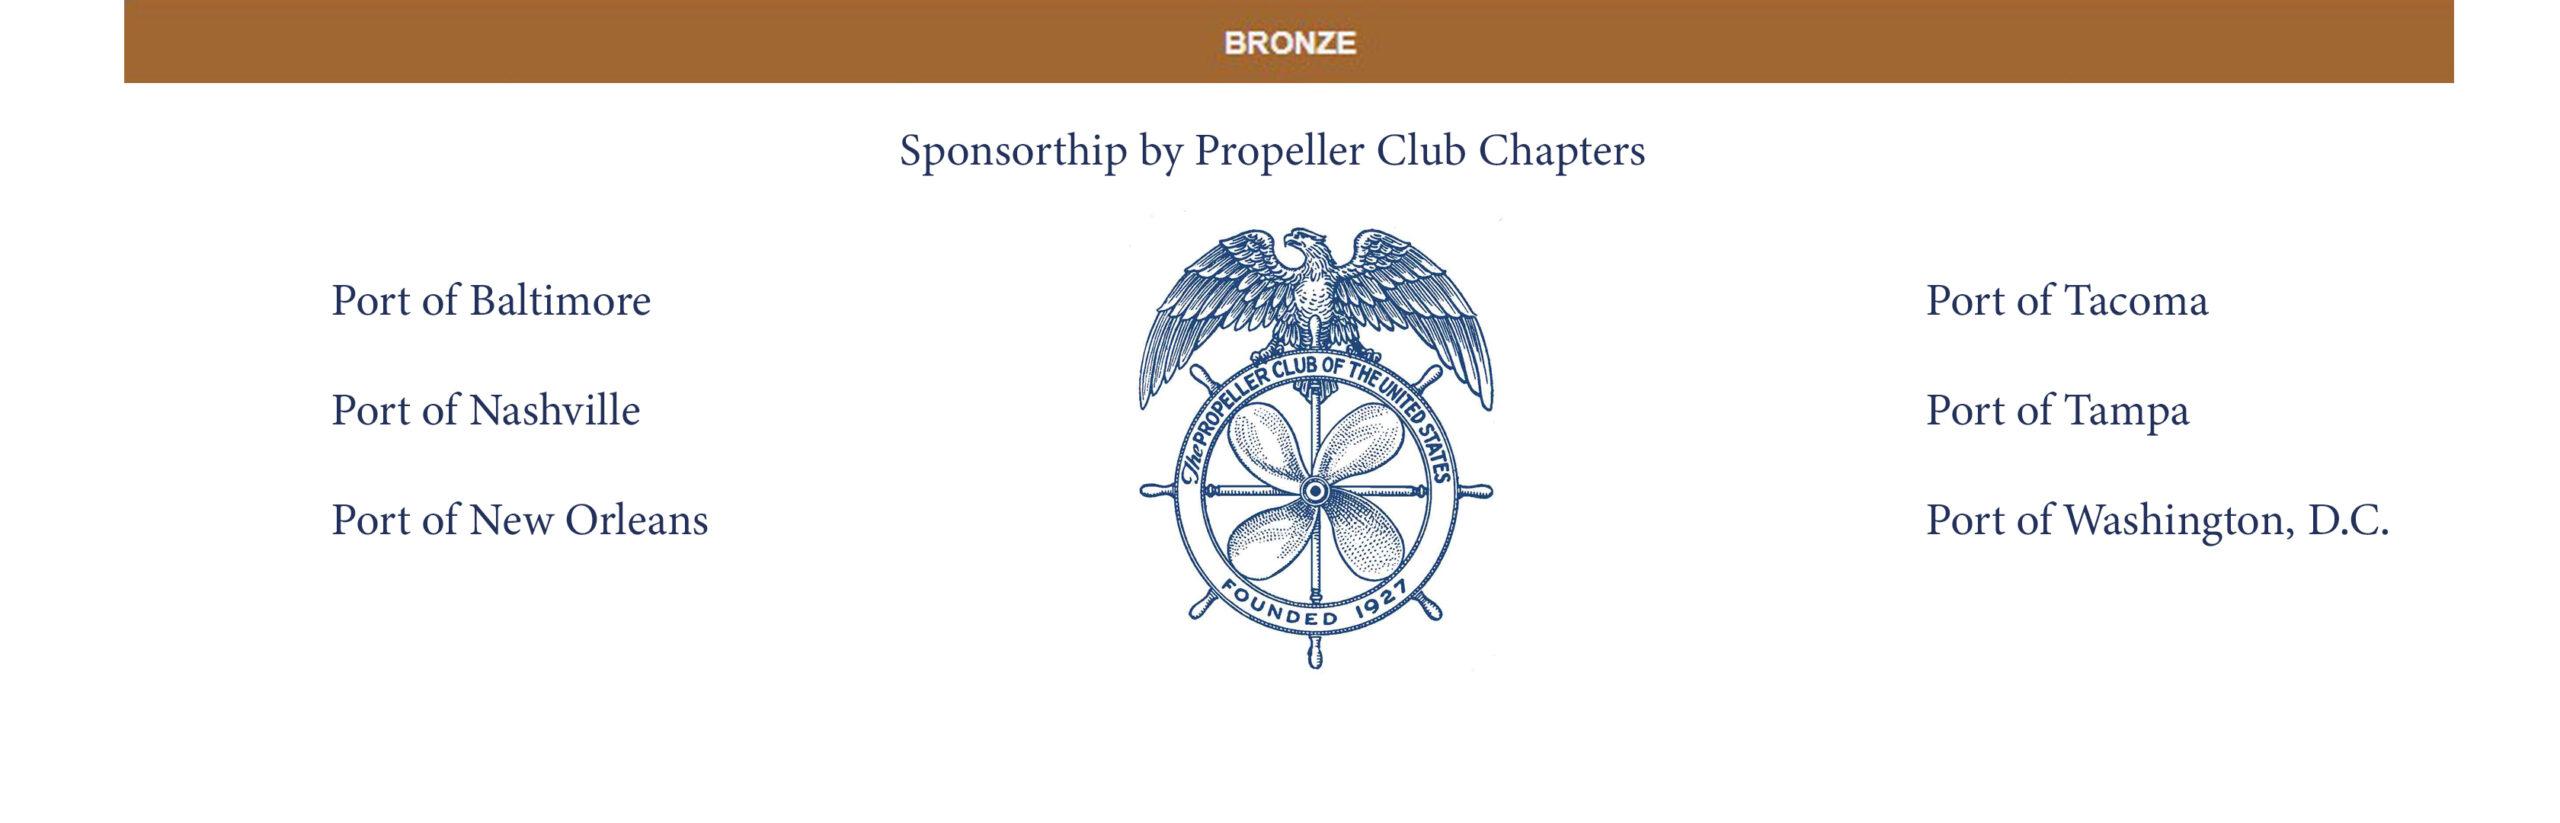 Bronze Sponsors - 2020